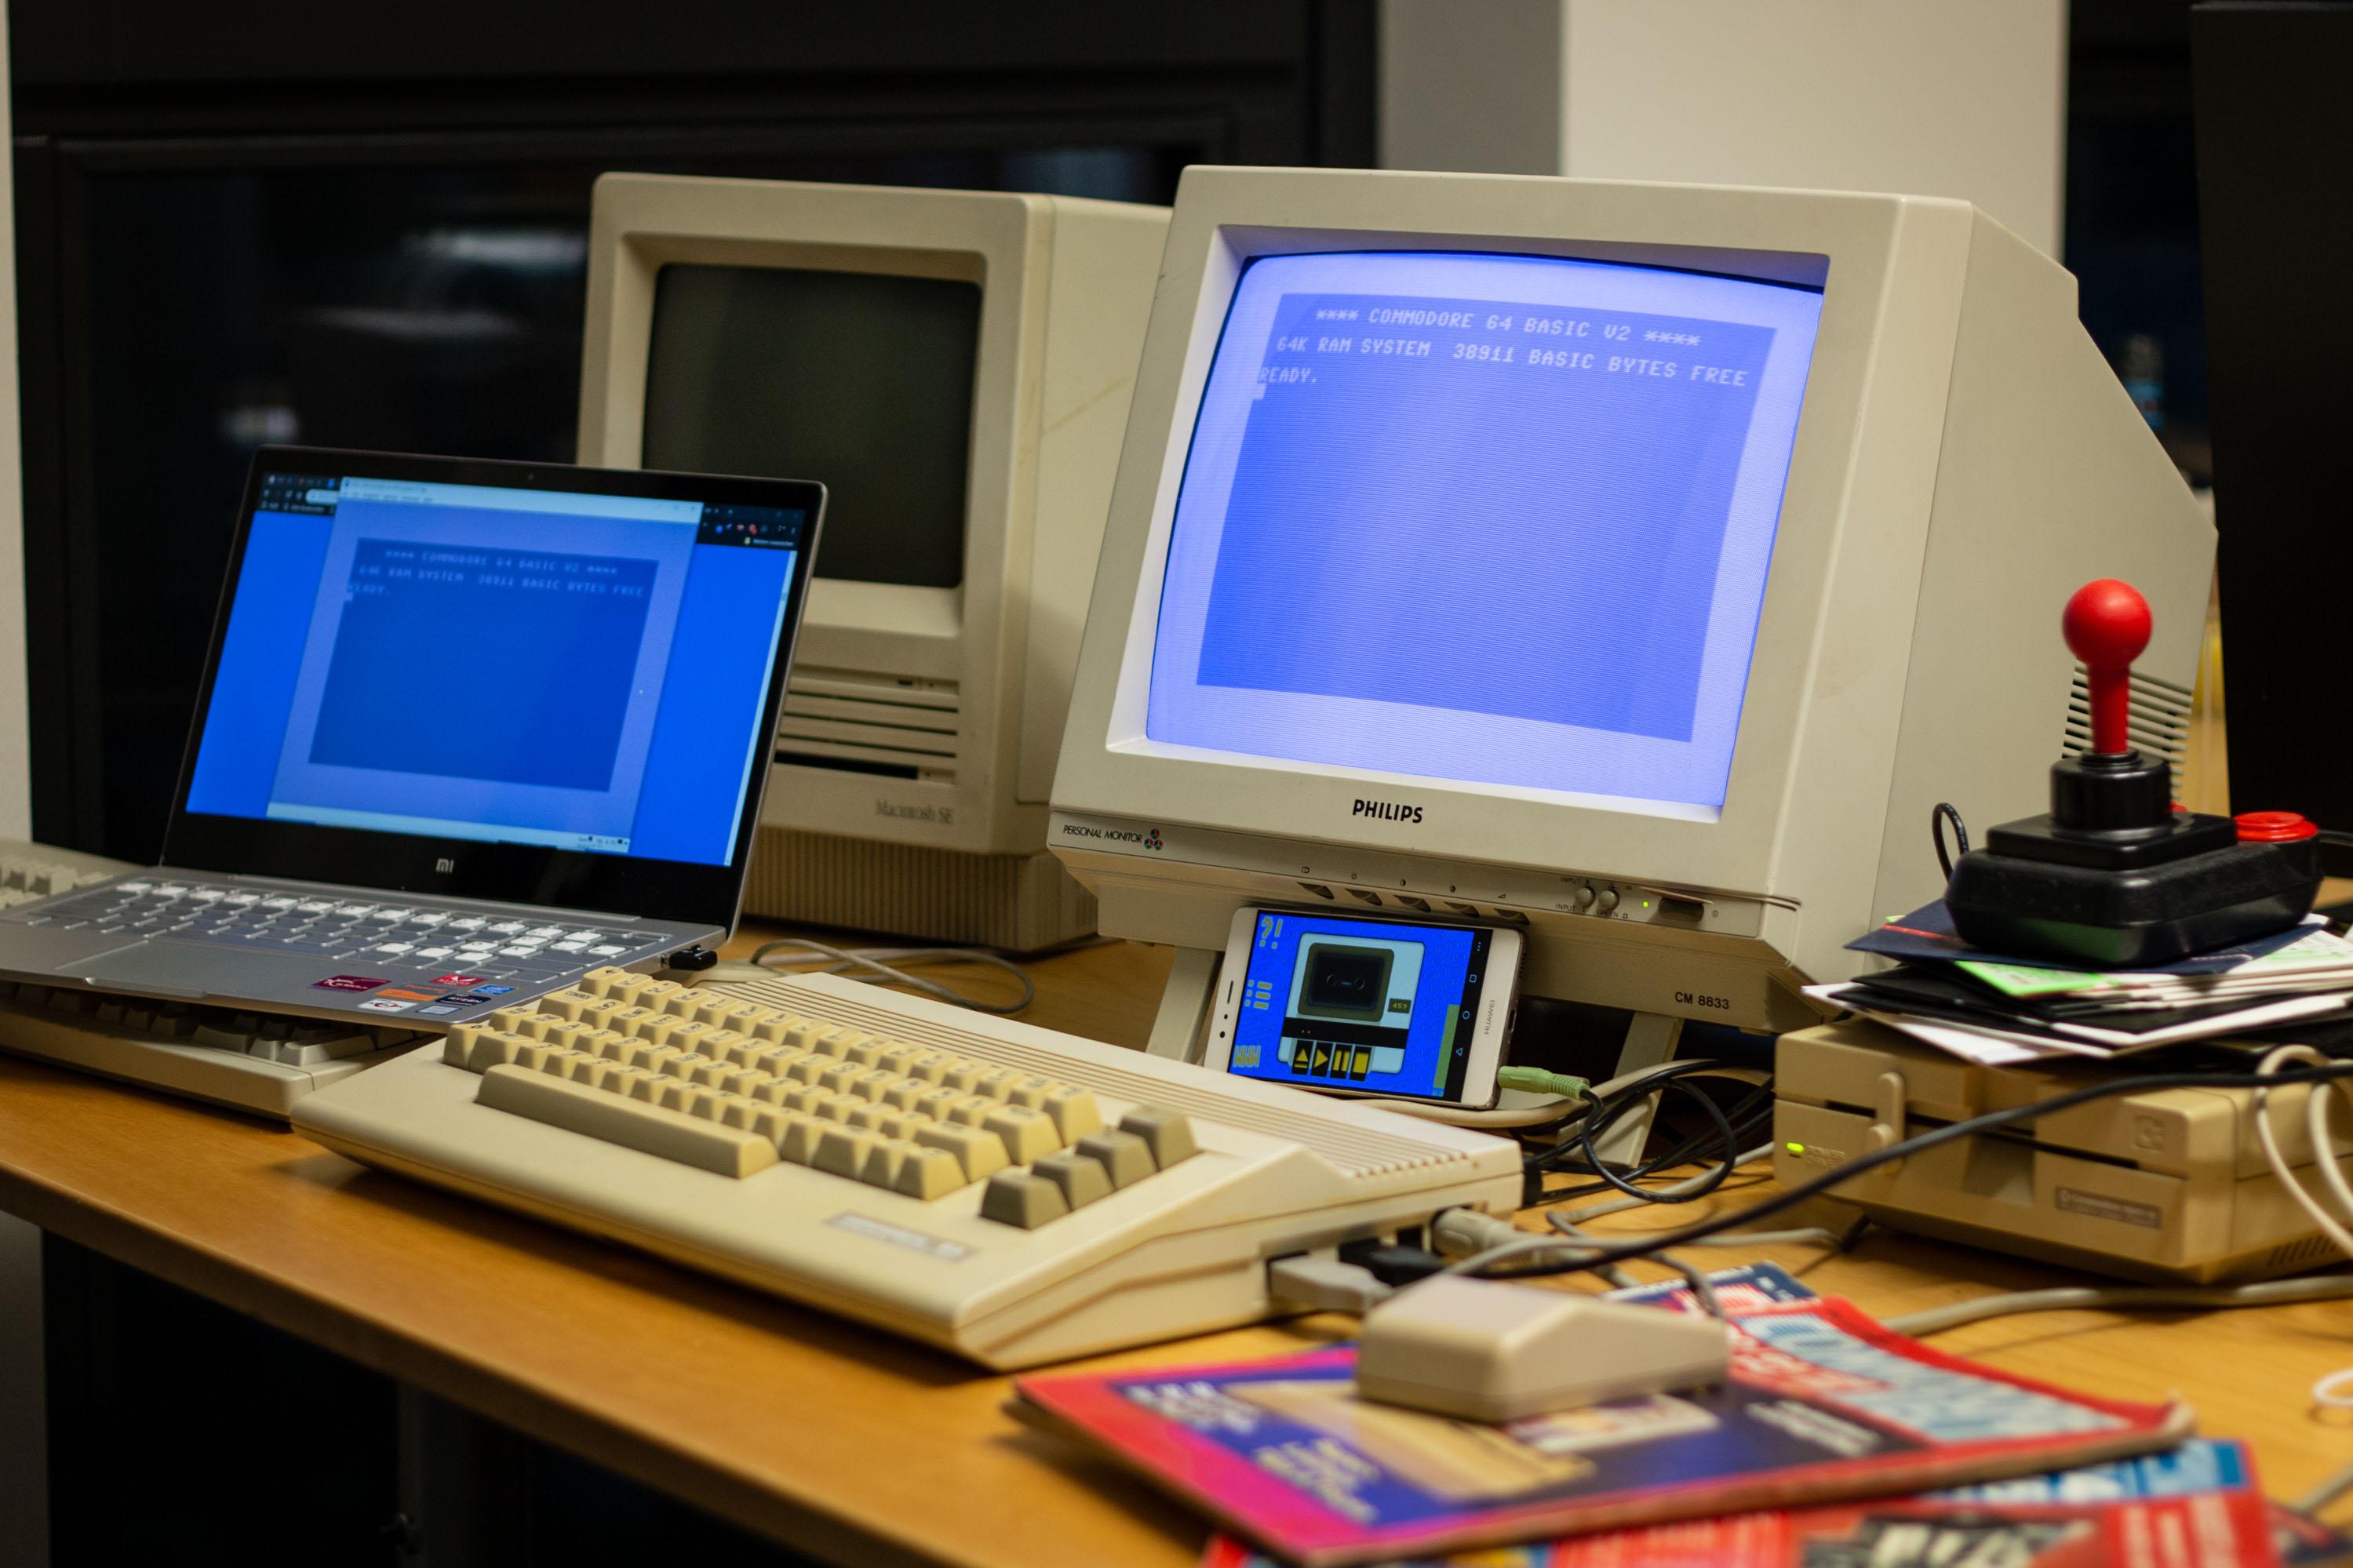 Commodore 64 mit WLAN: Der Brotkasten im Internet